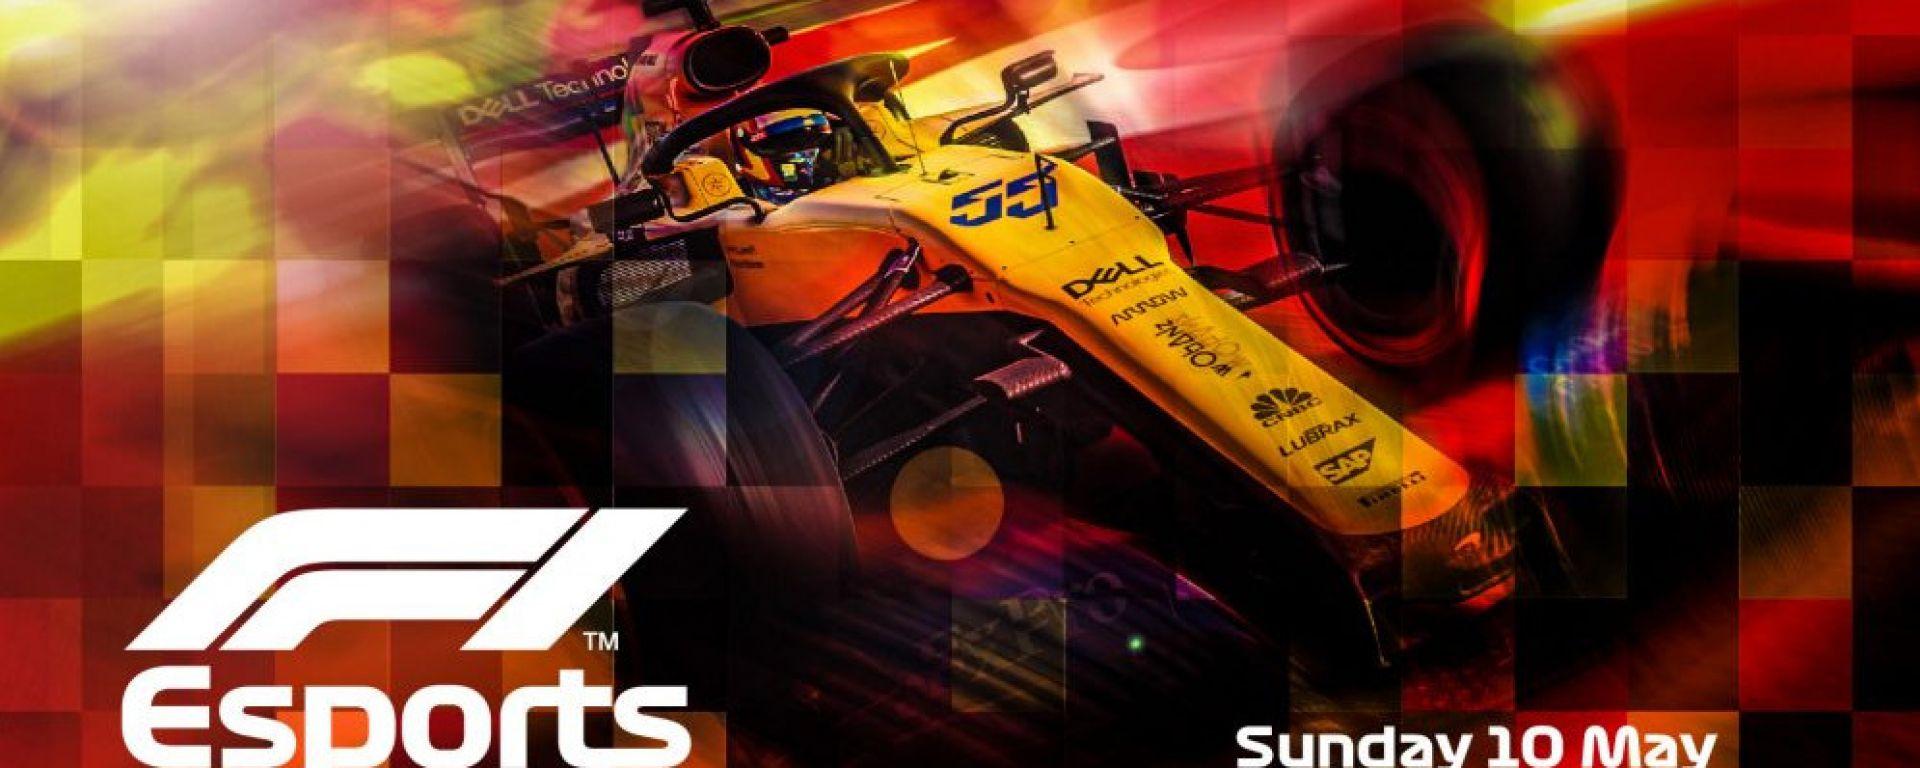 La locandina dell'evento F1 Esport VirtualGP Spagna